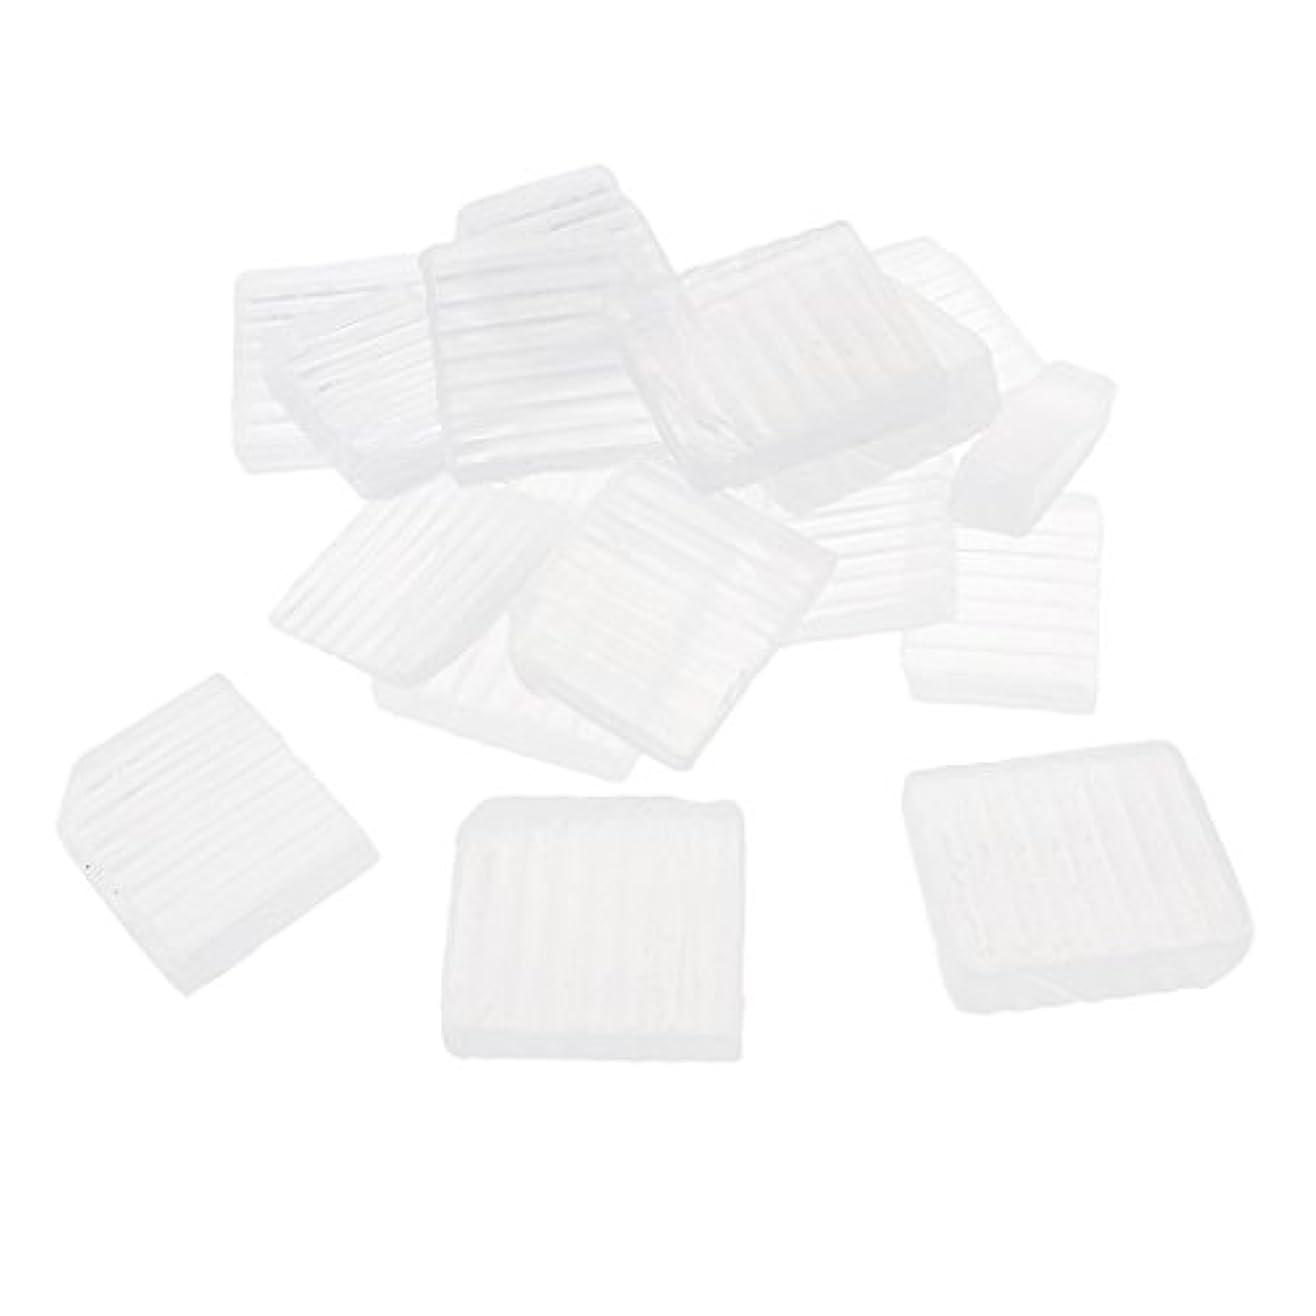 神学校海峡ひも縮れたP Prettyia 透明 石鹸ベース DIY 手作り 石鹸 材料 約1 KG DIYギフト